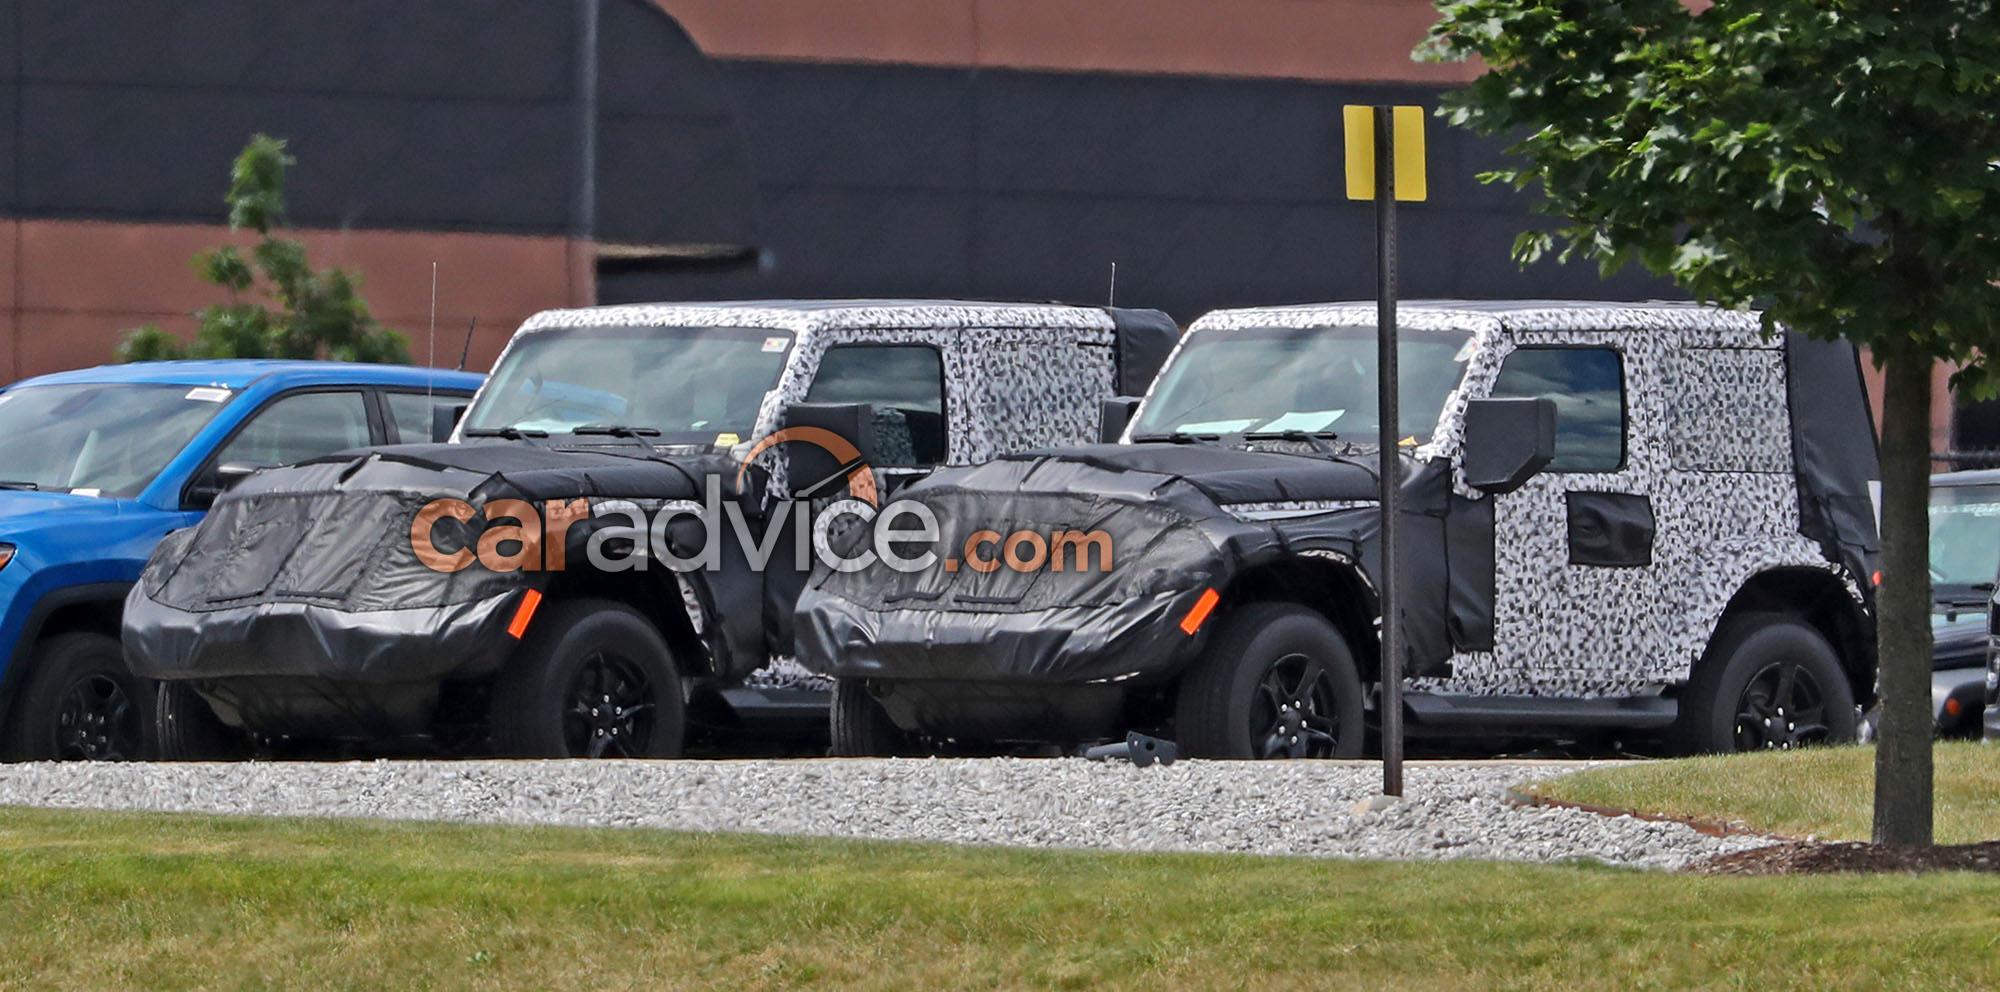 2018 Jeep Wrangler Two Door Spied